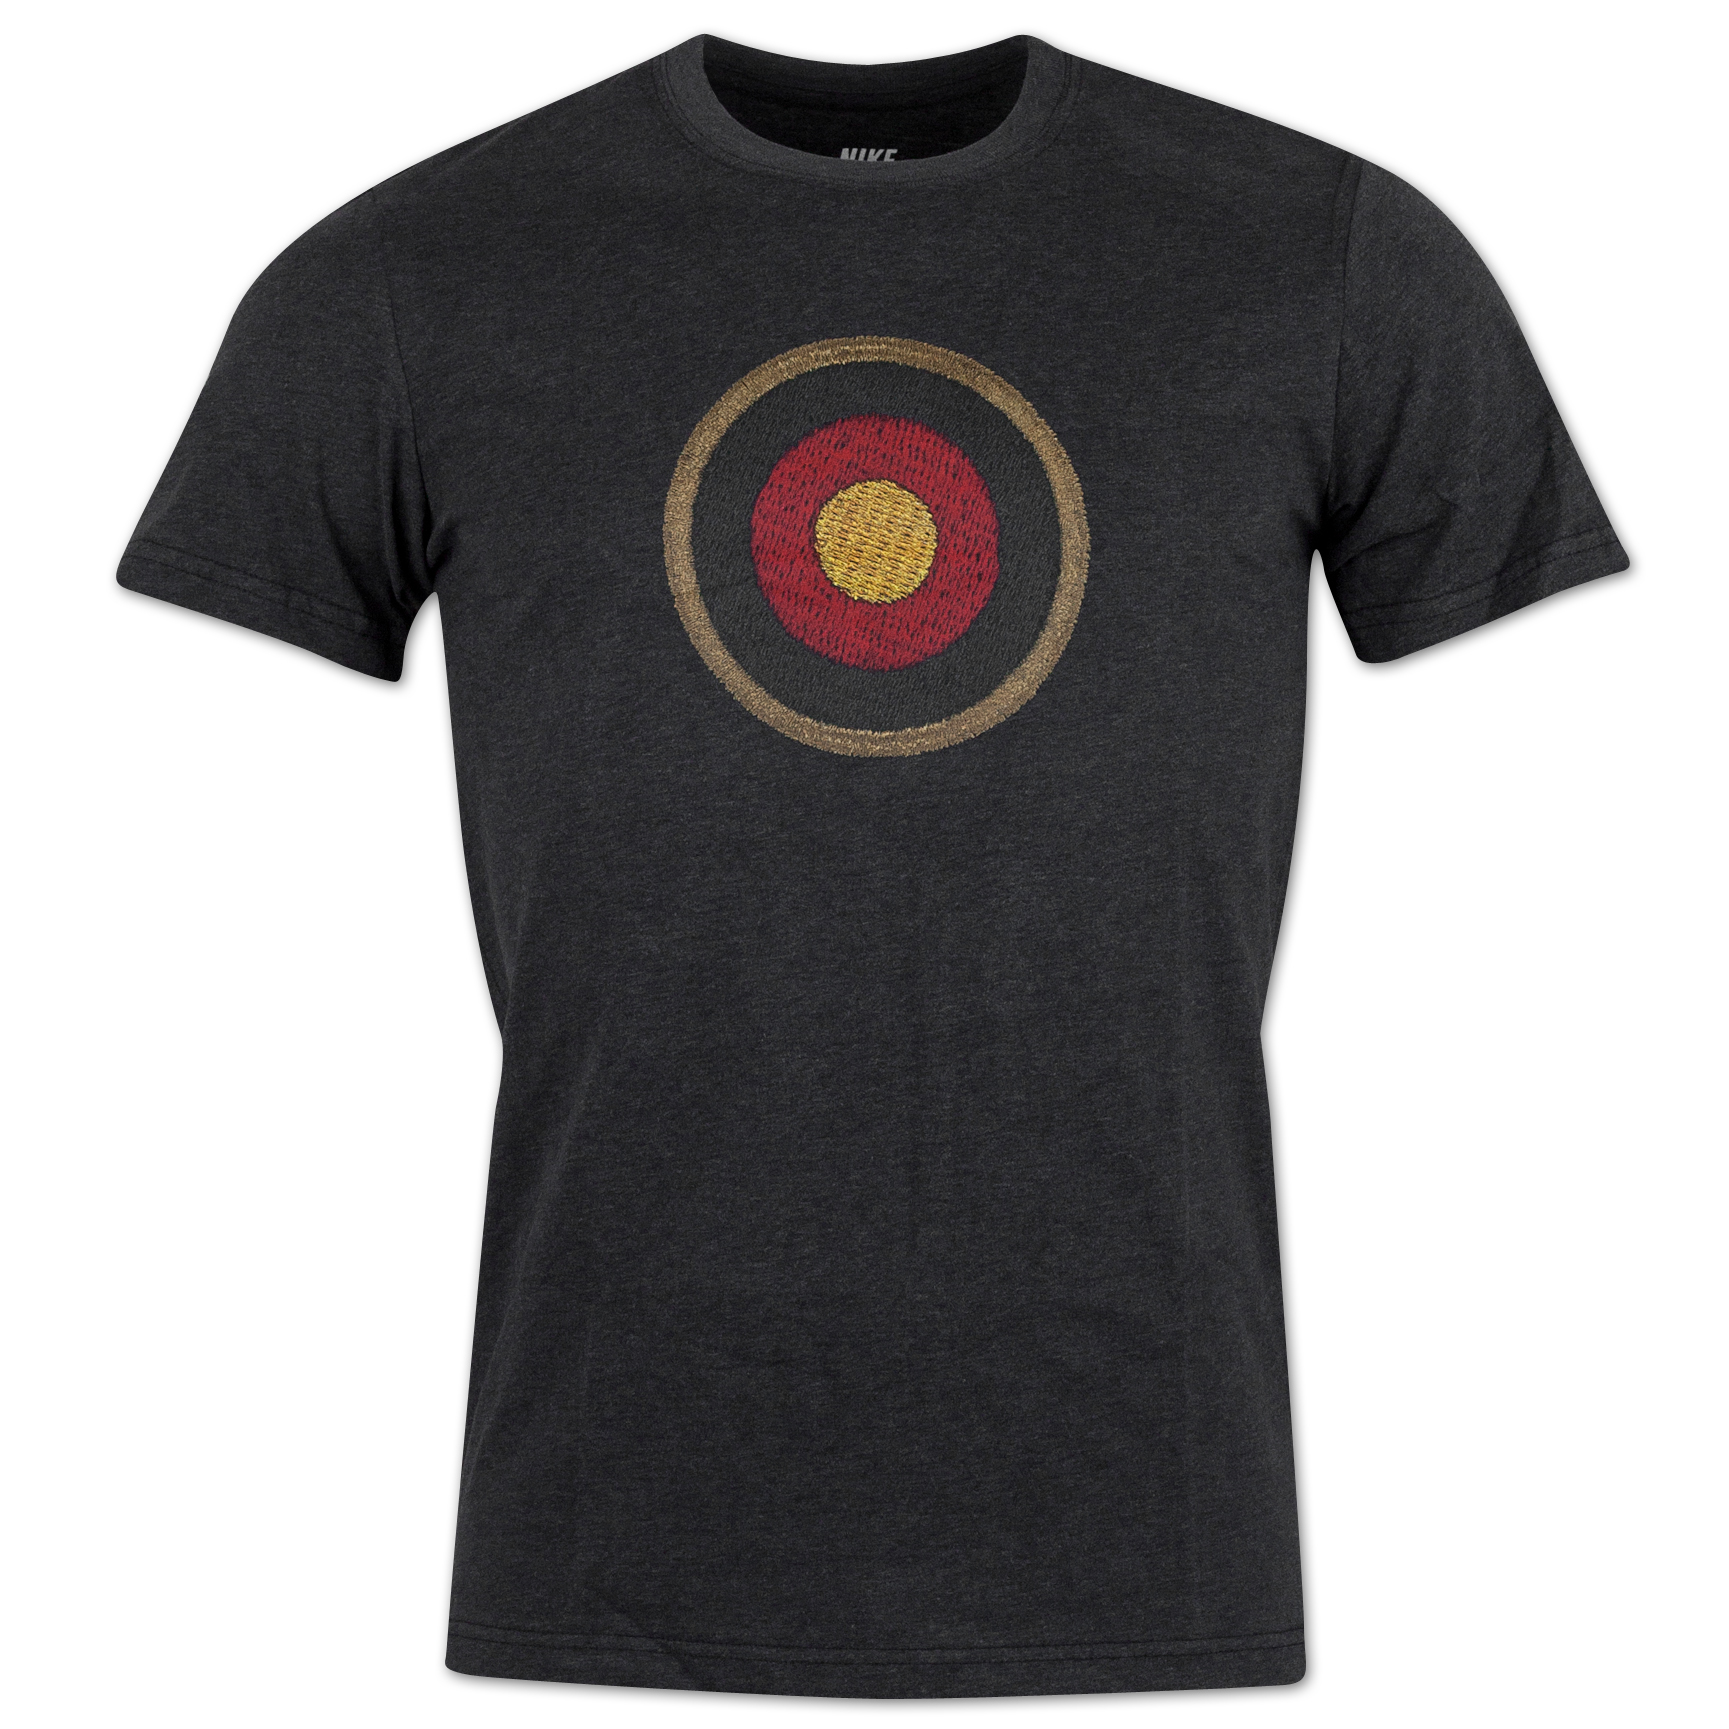 Nike - T-shirt Bullseye Mørkegrå